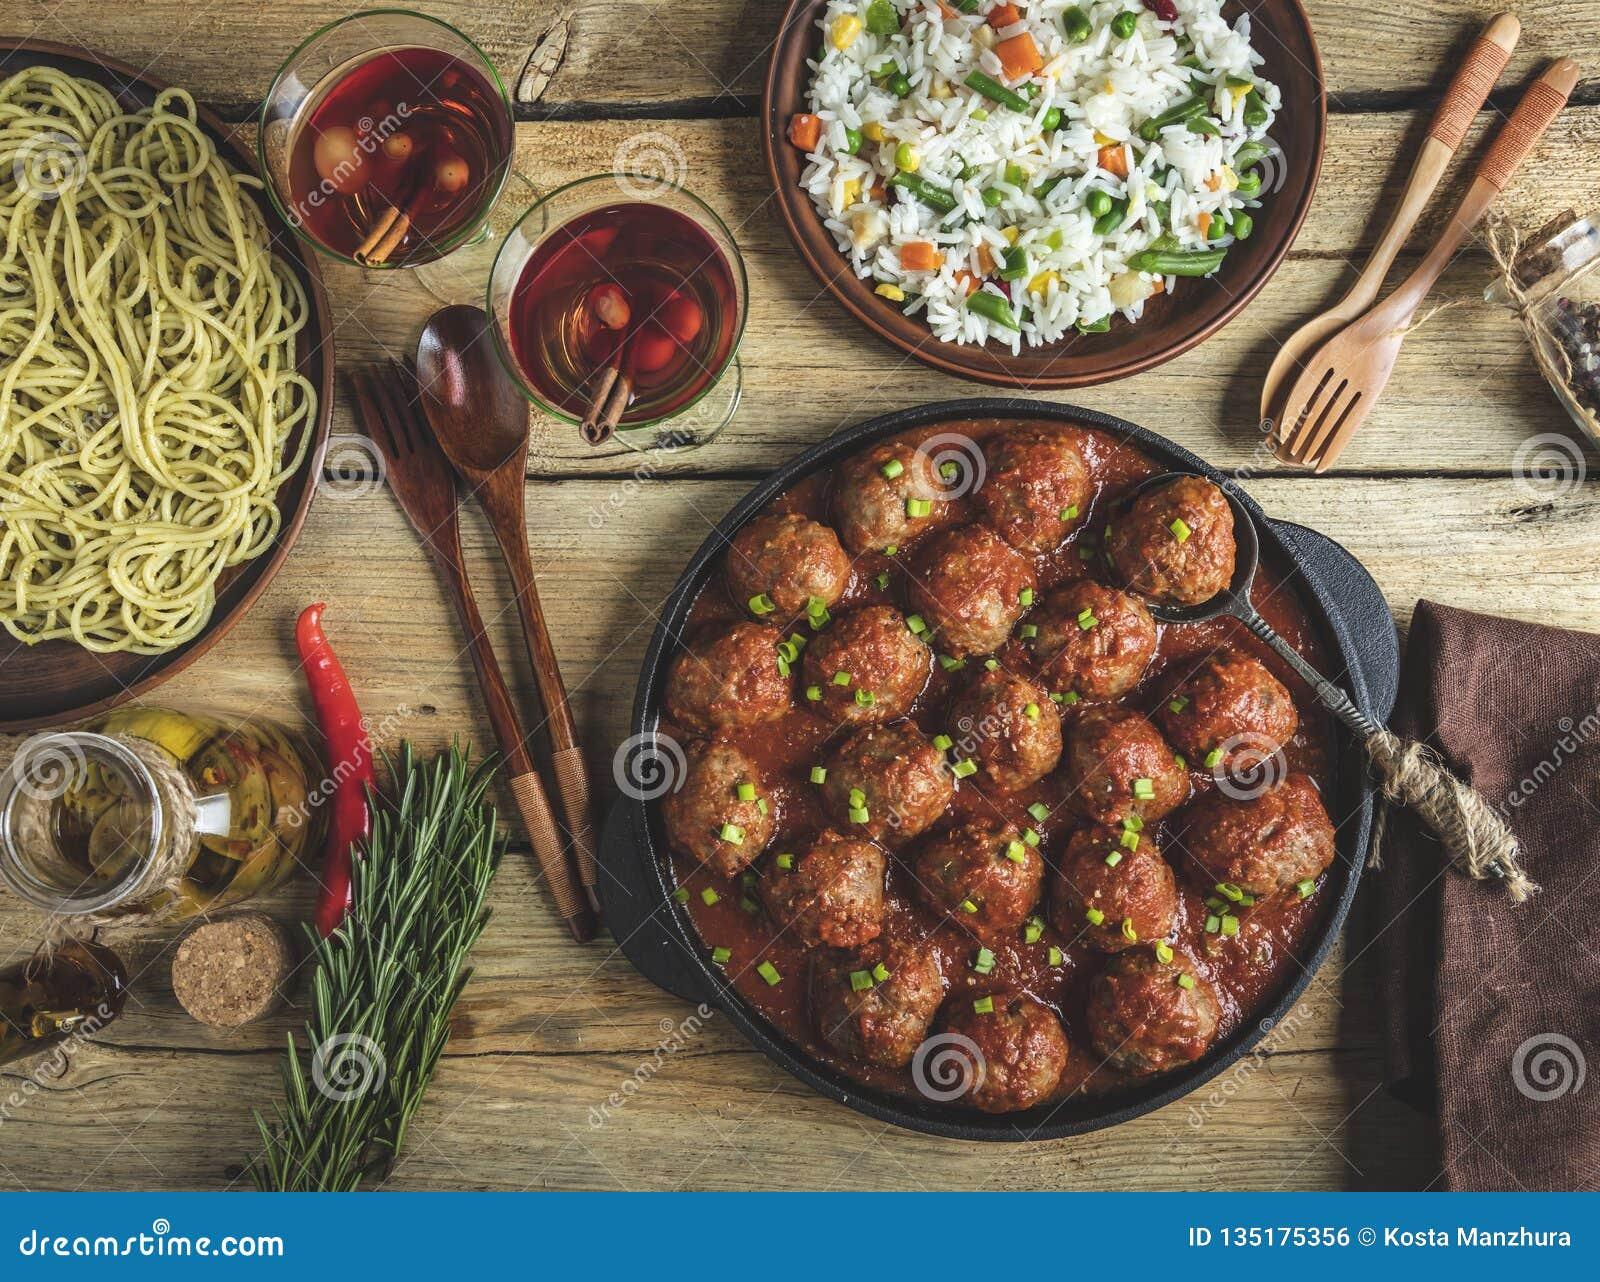 Domowej roboty klopsiki w pomidorowym kumberlandzie Smażyć nieckę na drewnianej powierzchni, ryż z warzywami, makaron